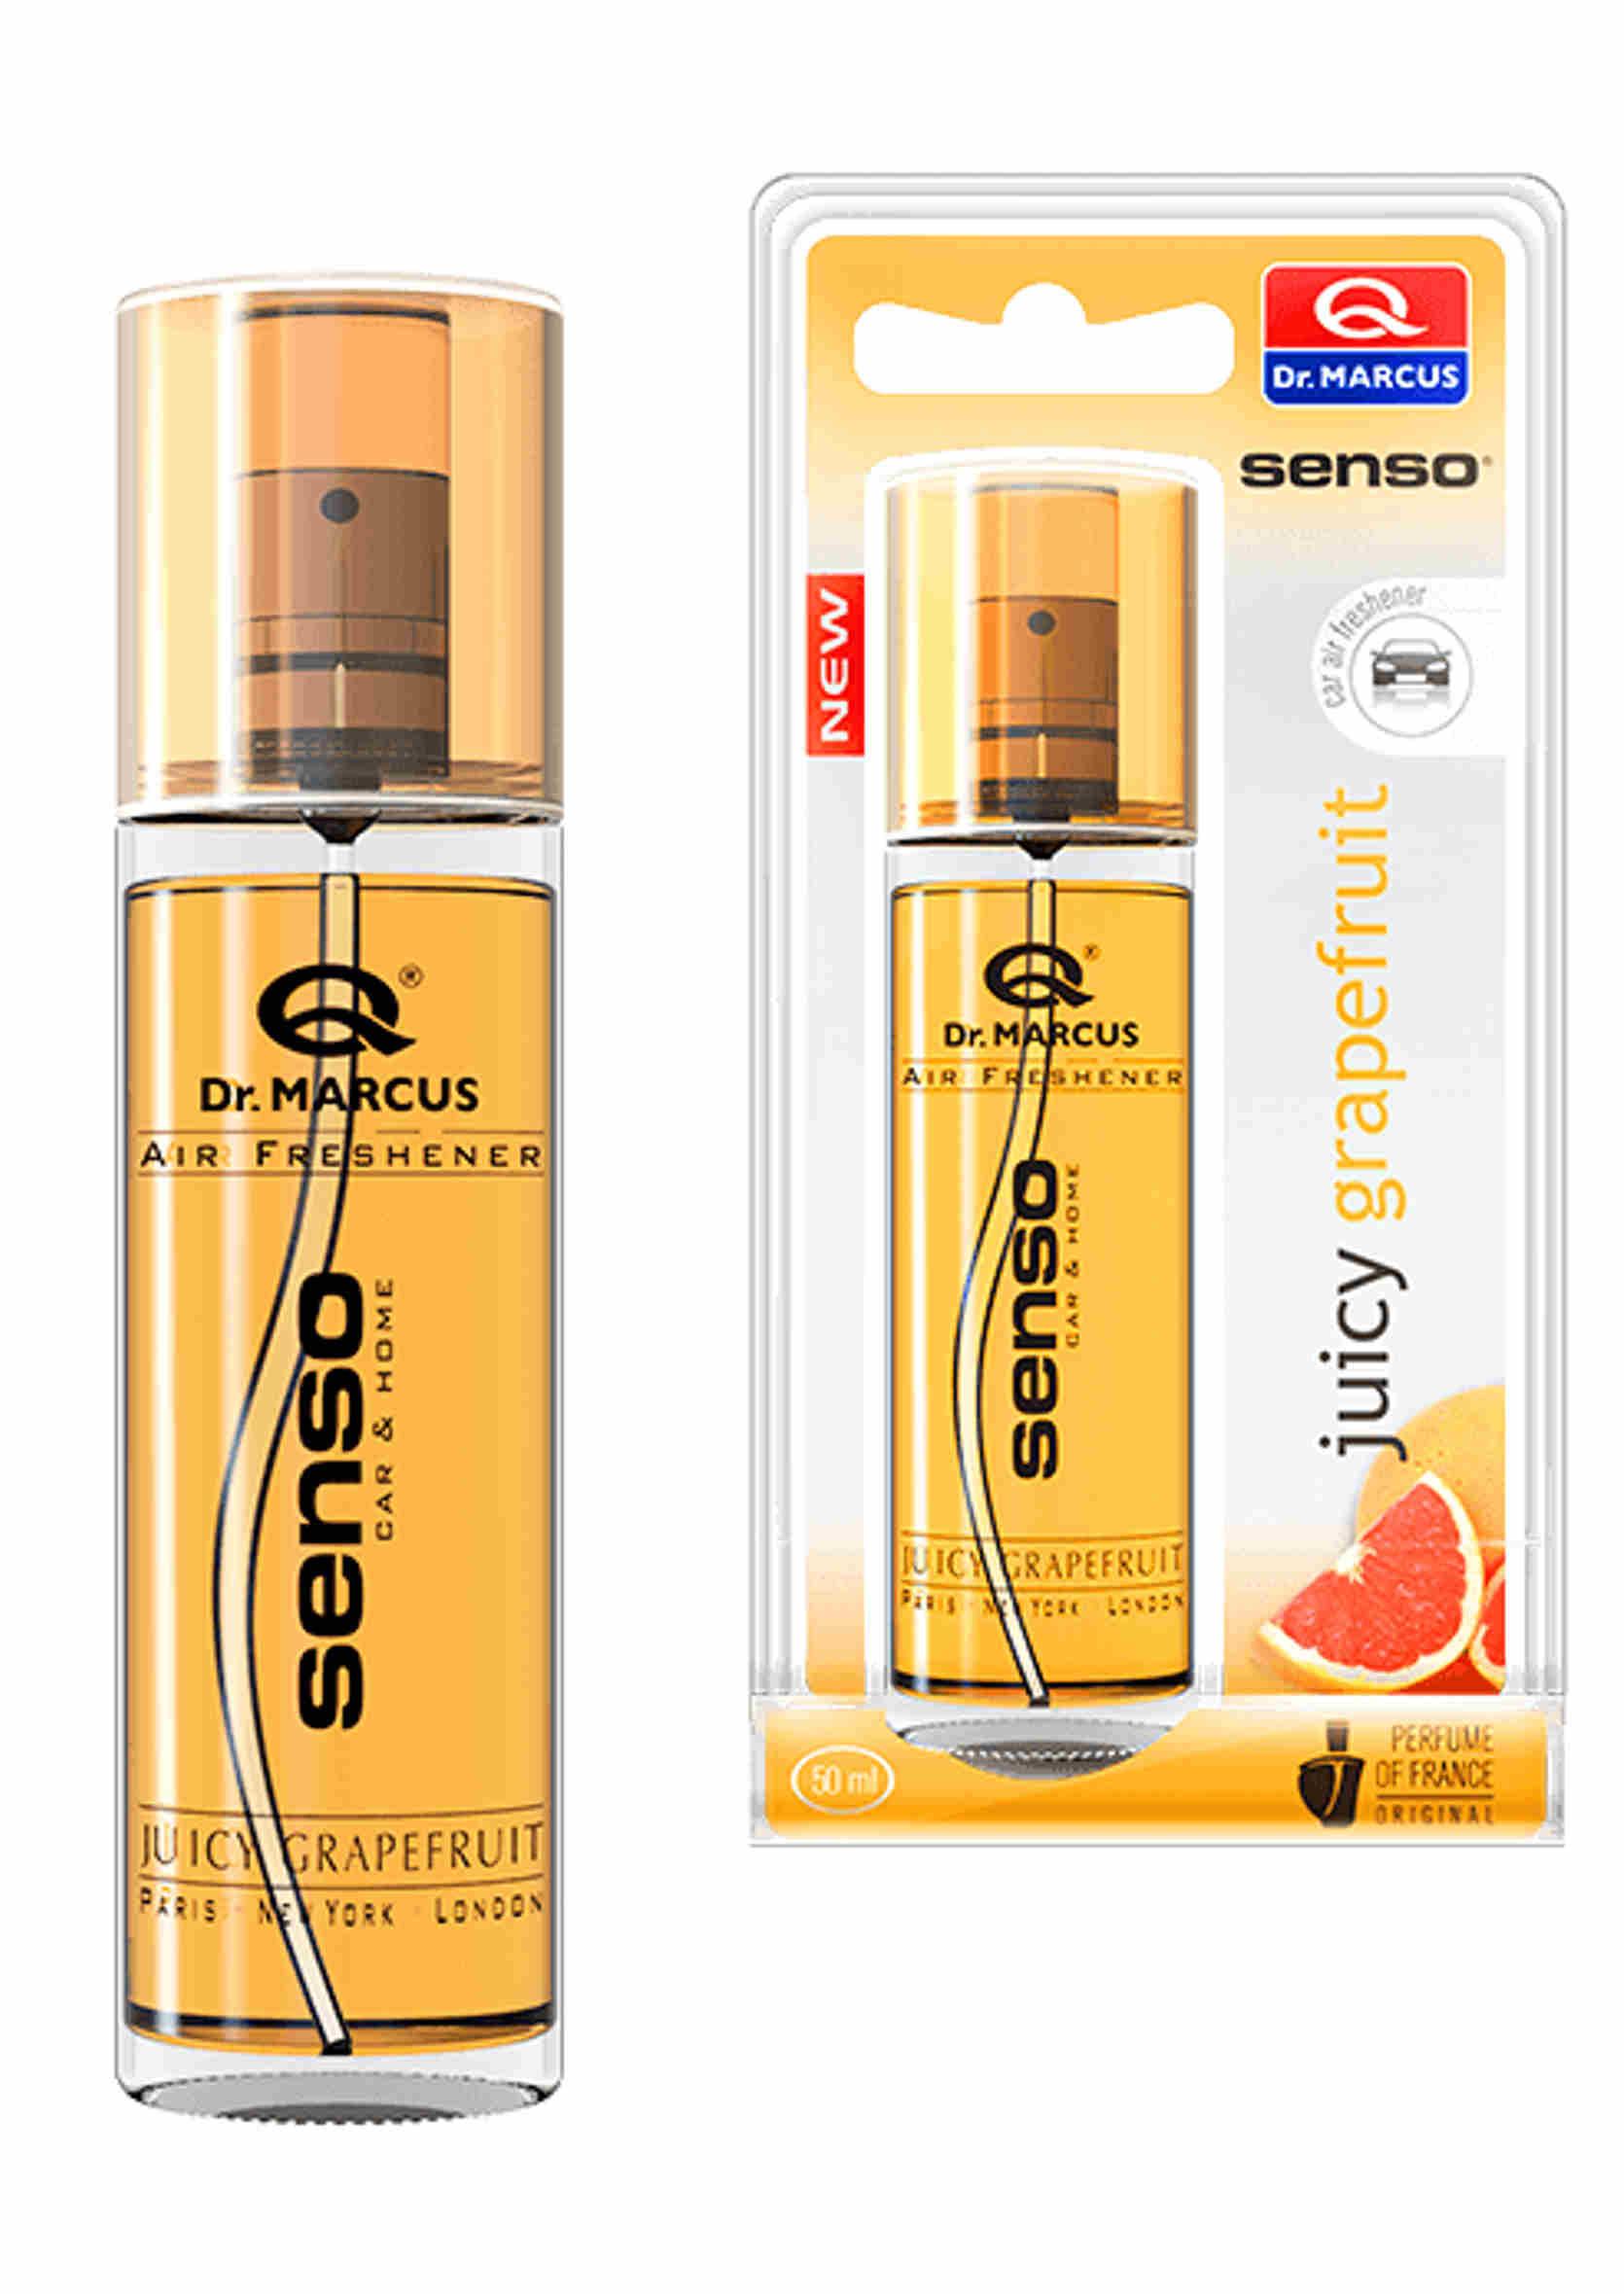 Dr. Marcus Senso Spray Juicy Grapefruit 50ml Zapach Samochodowy w Sprayu